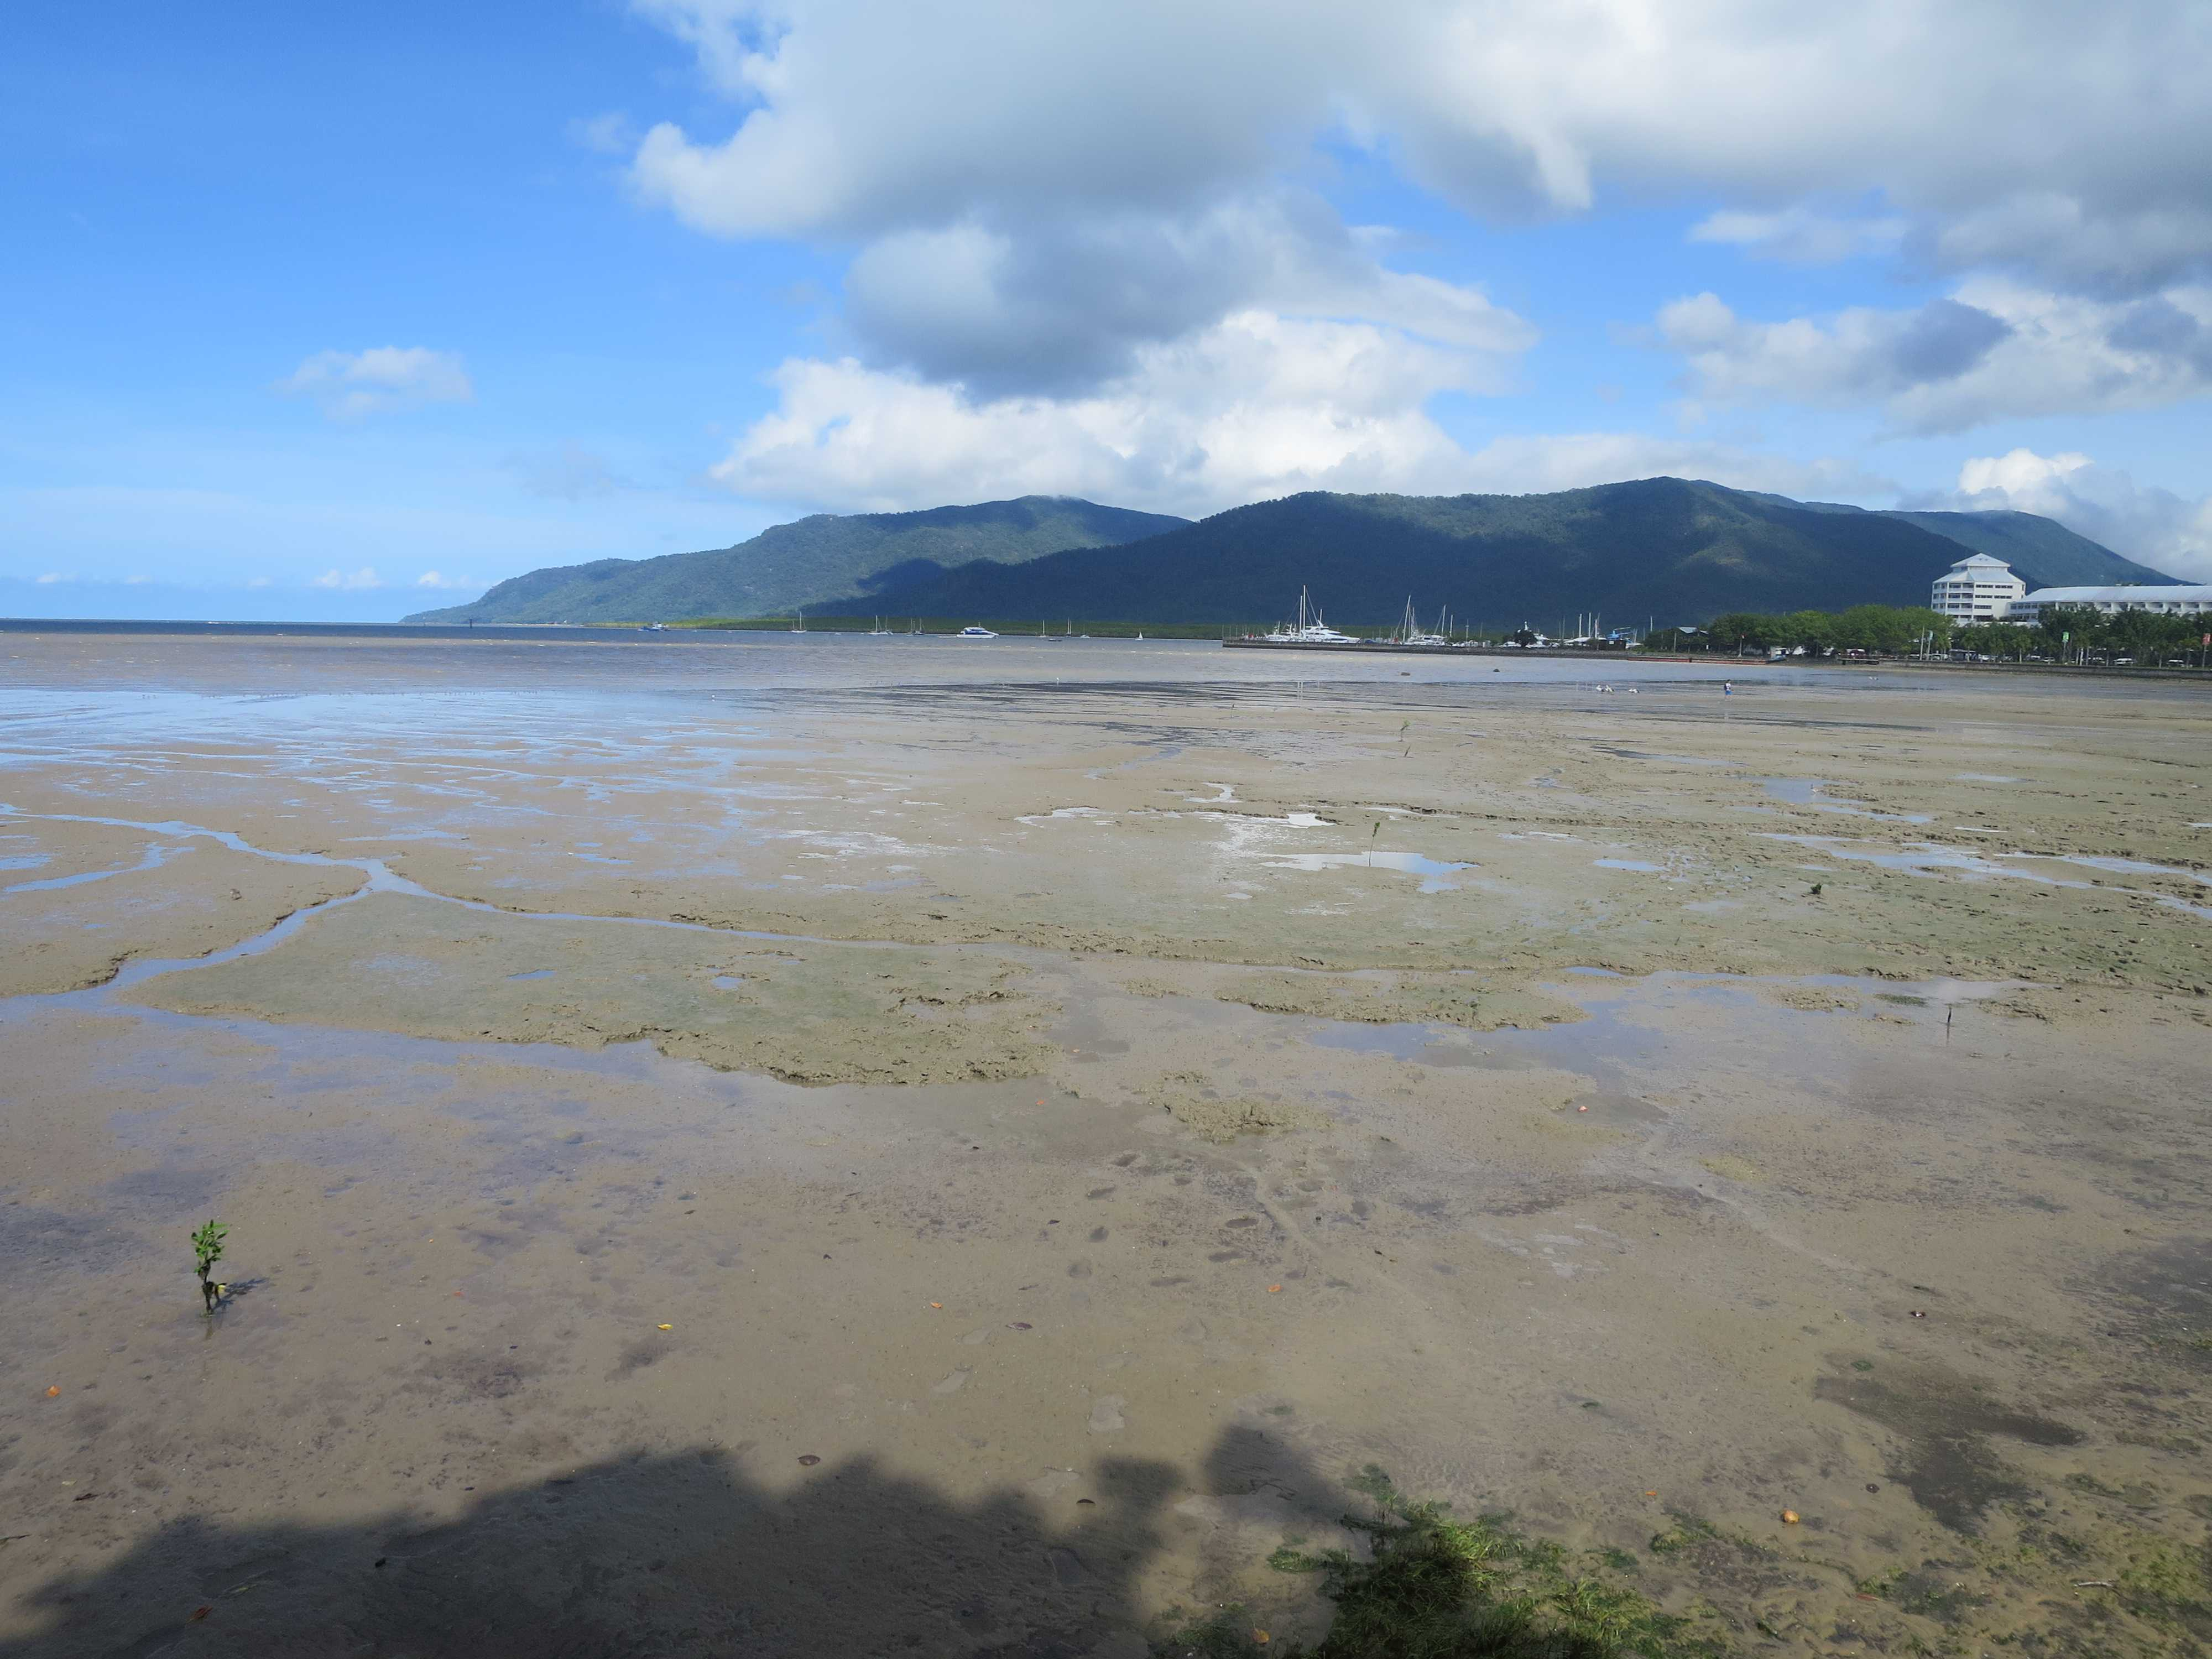 ケアンズの海 - 干潮(引き潮)で泥海になりました